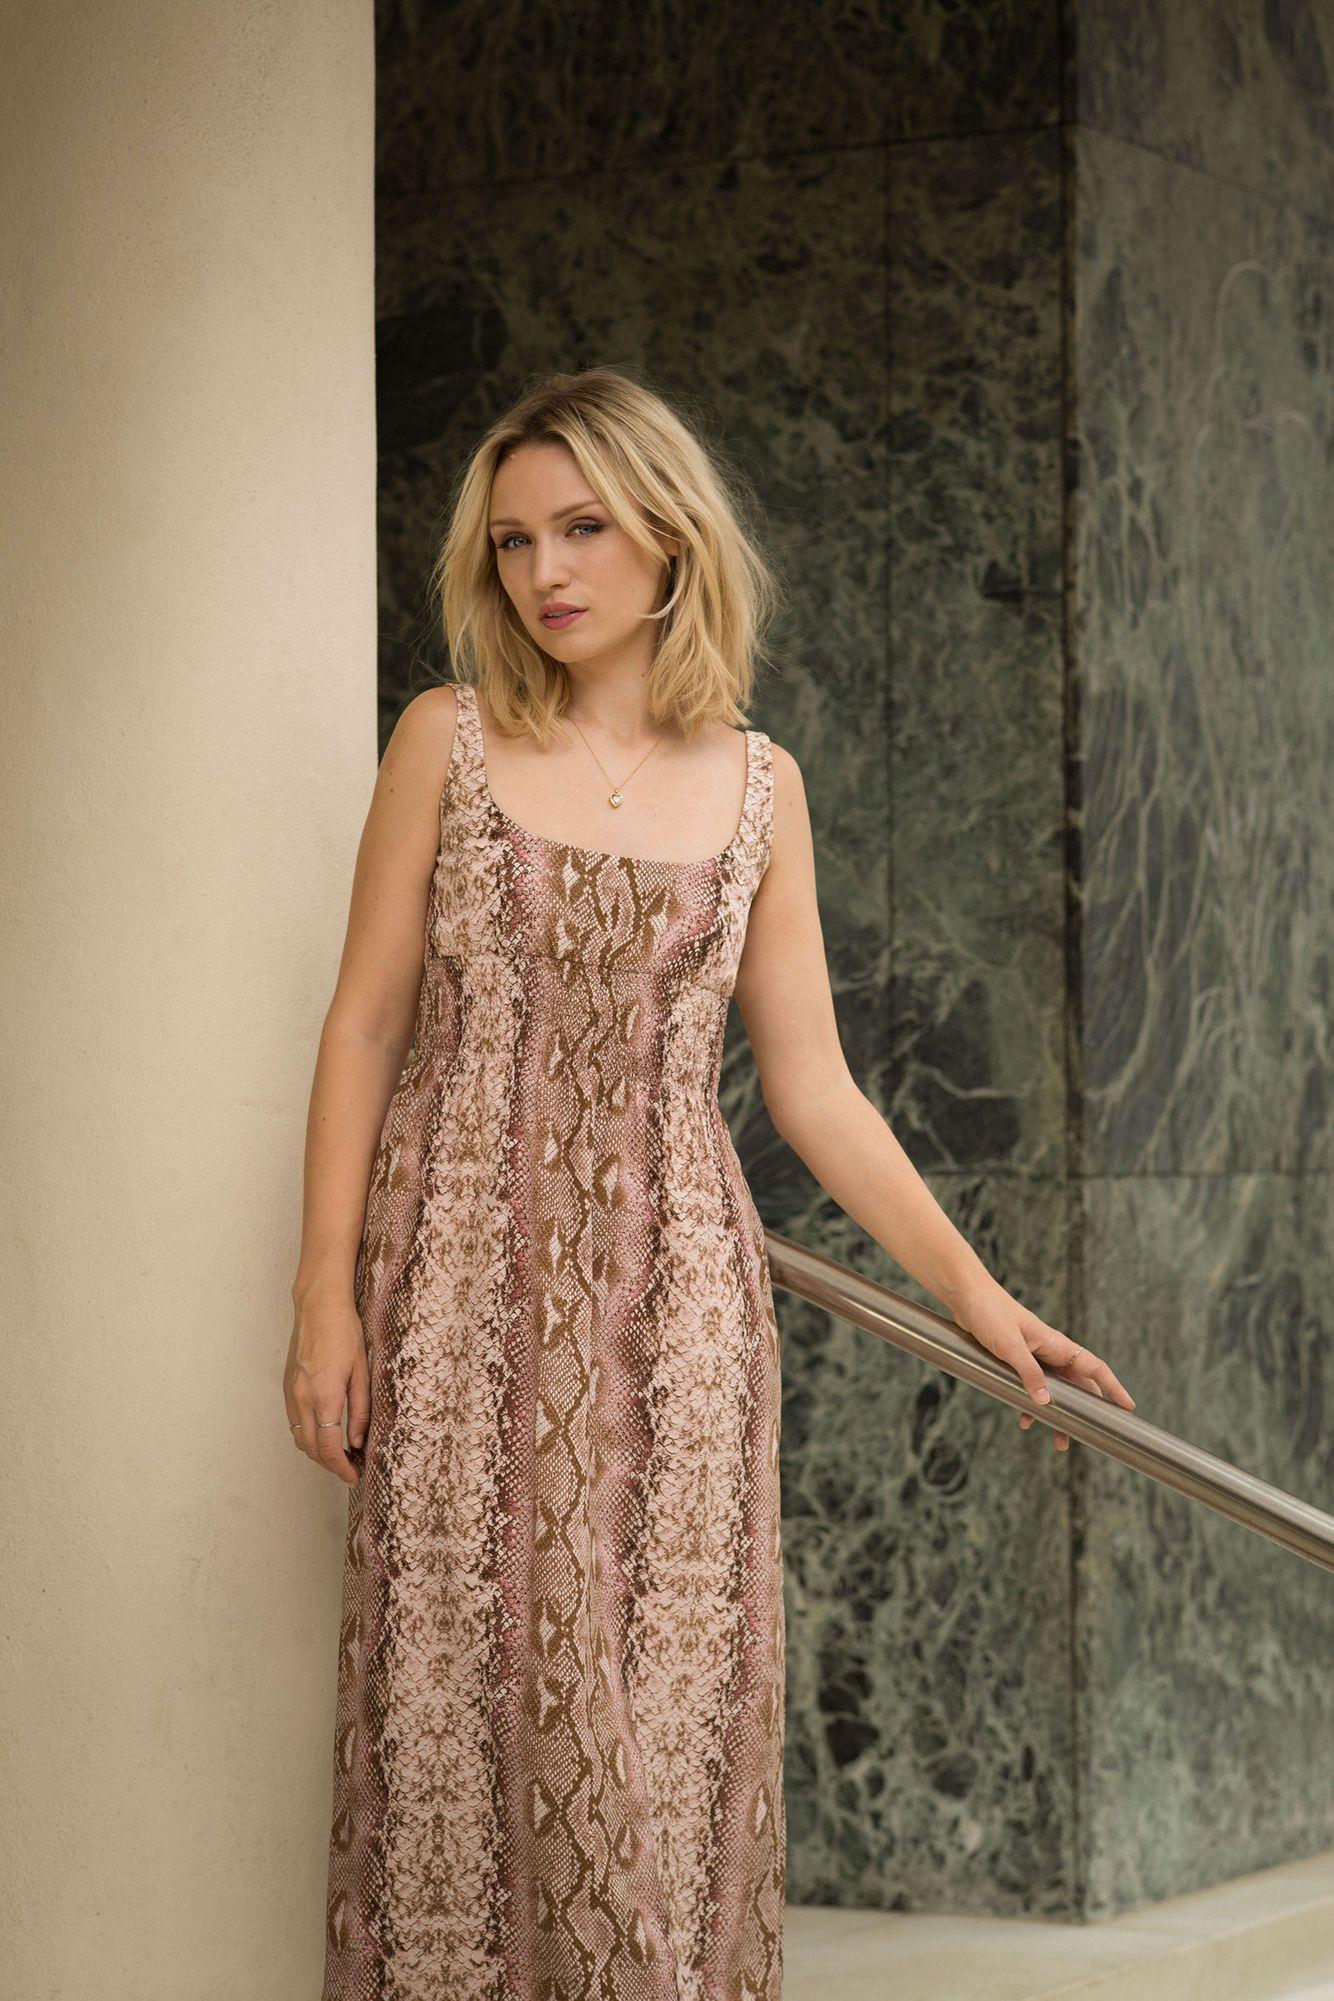 Actress Emily Berrington